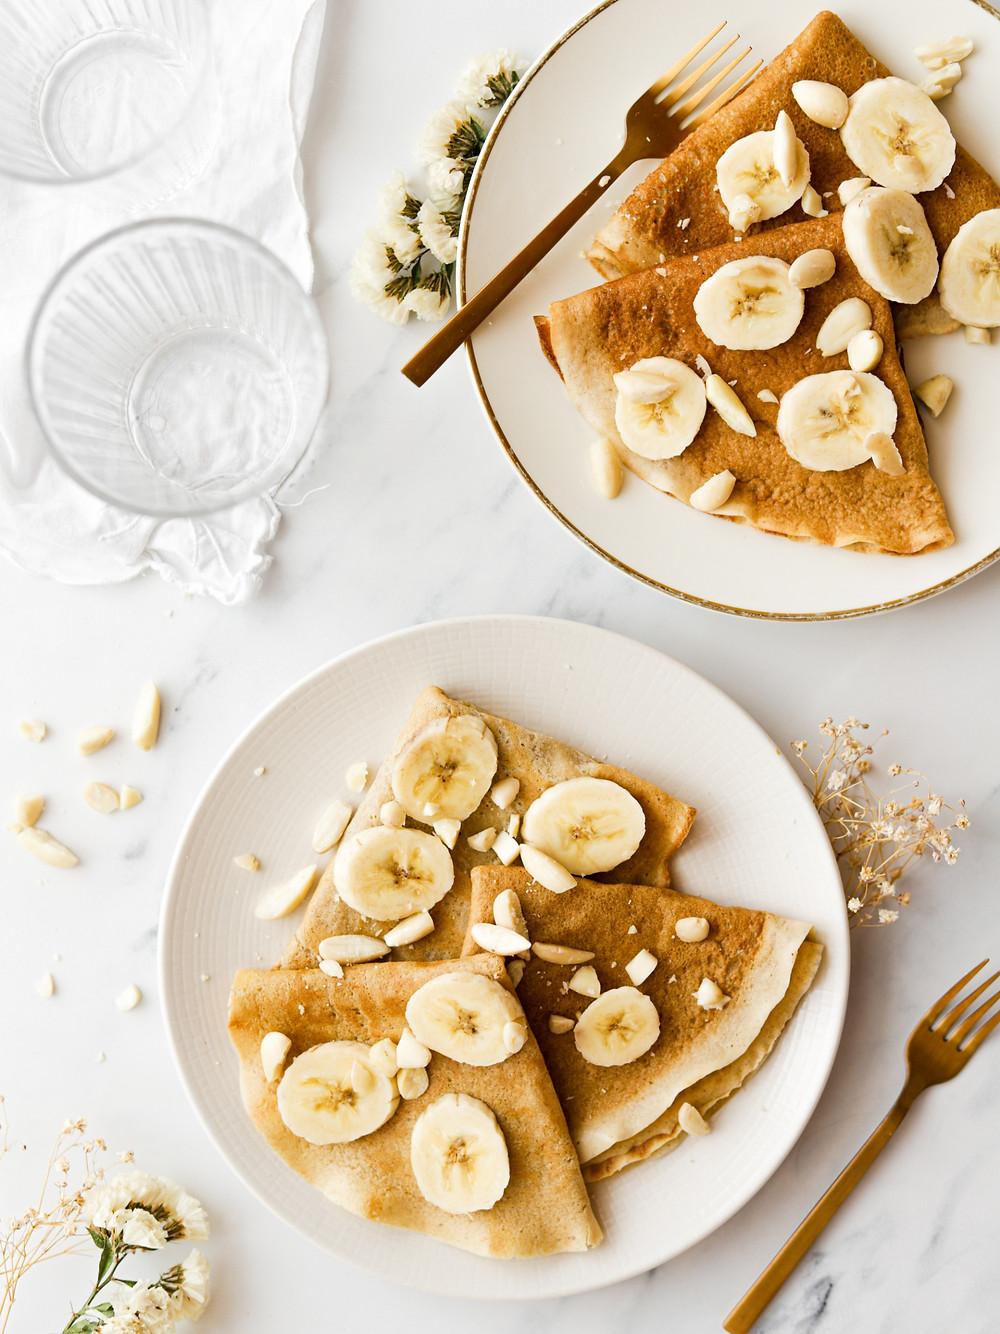 Crepes de Banana e Aveia - Vegan e Sem Glúten